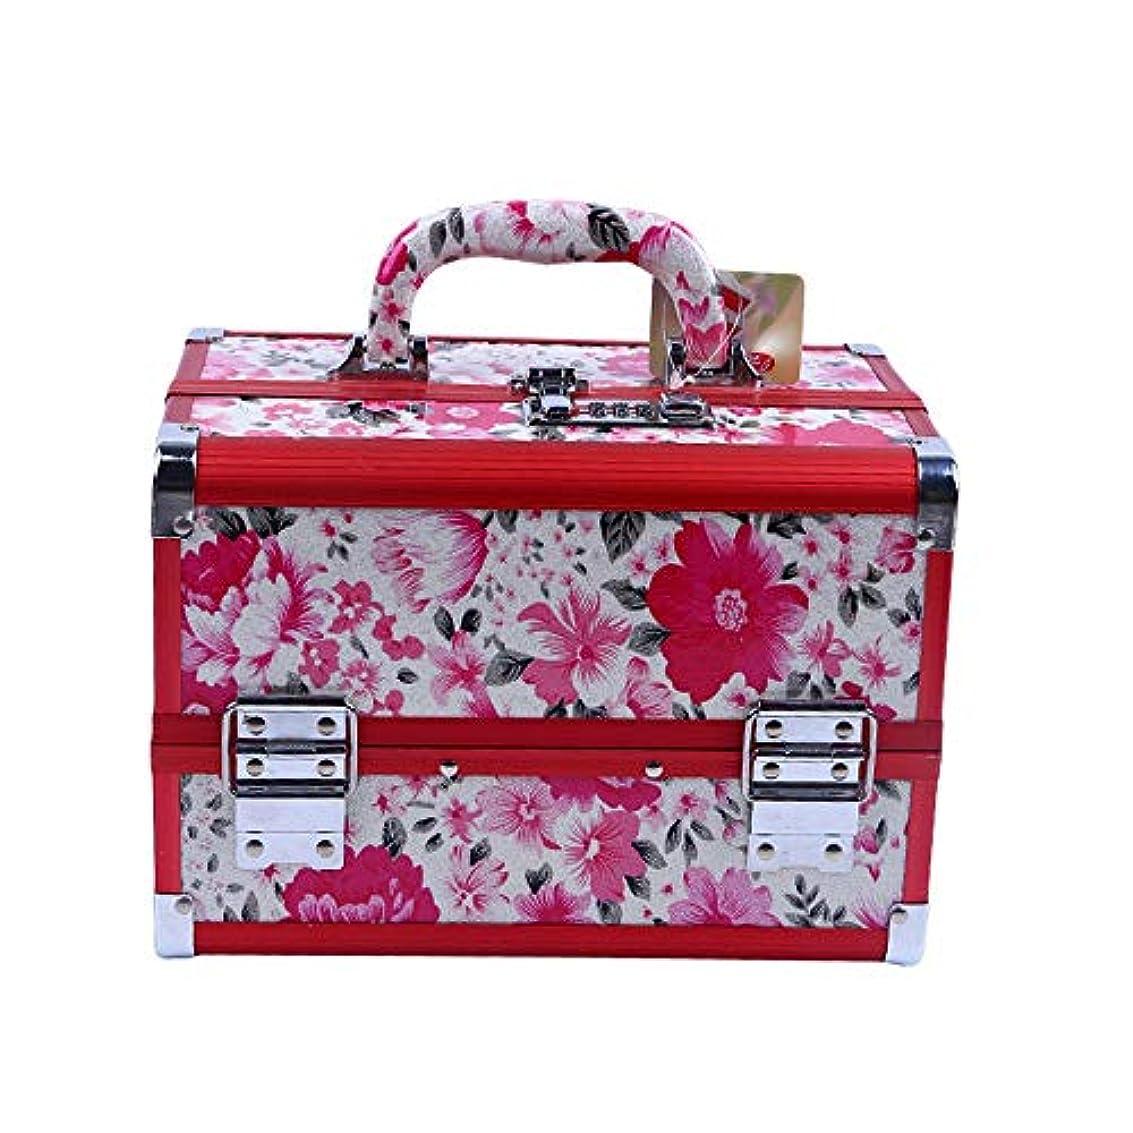 デッド時計回り時々化粧オーガナイザーバッグ 花のパターンポータブル化粧品ケース美容メイクアップと女の子の女性の旅行と毎日のストレージロック付きトレイ付き 化粧品ケース